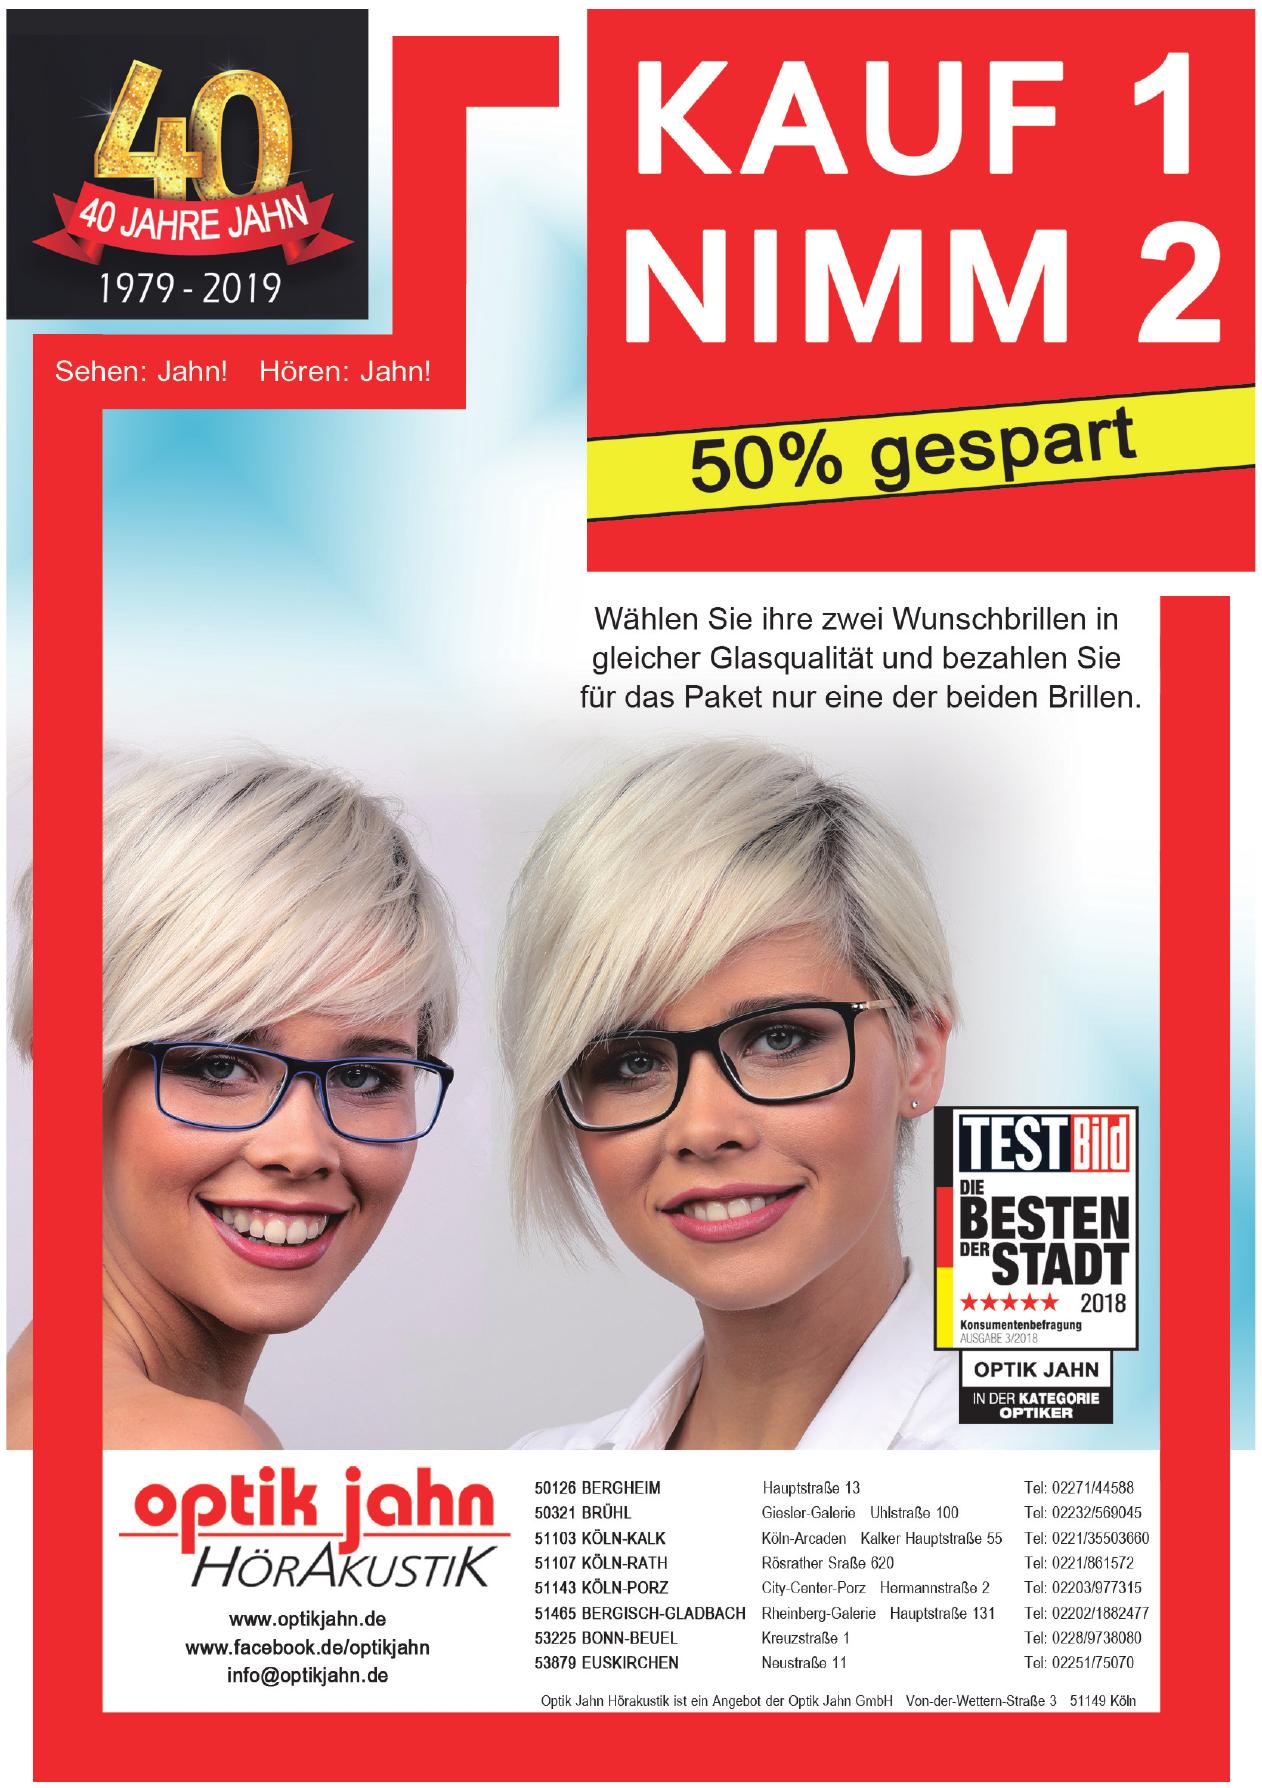 Optik Jahn GmbH